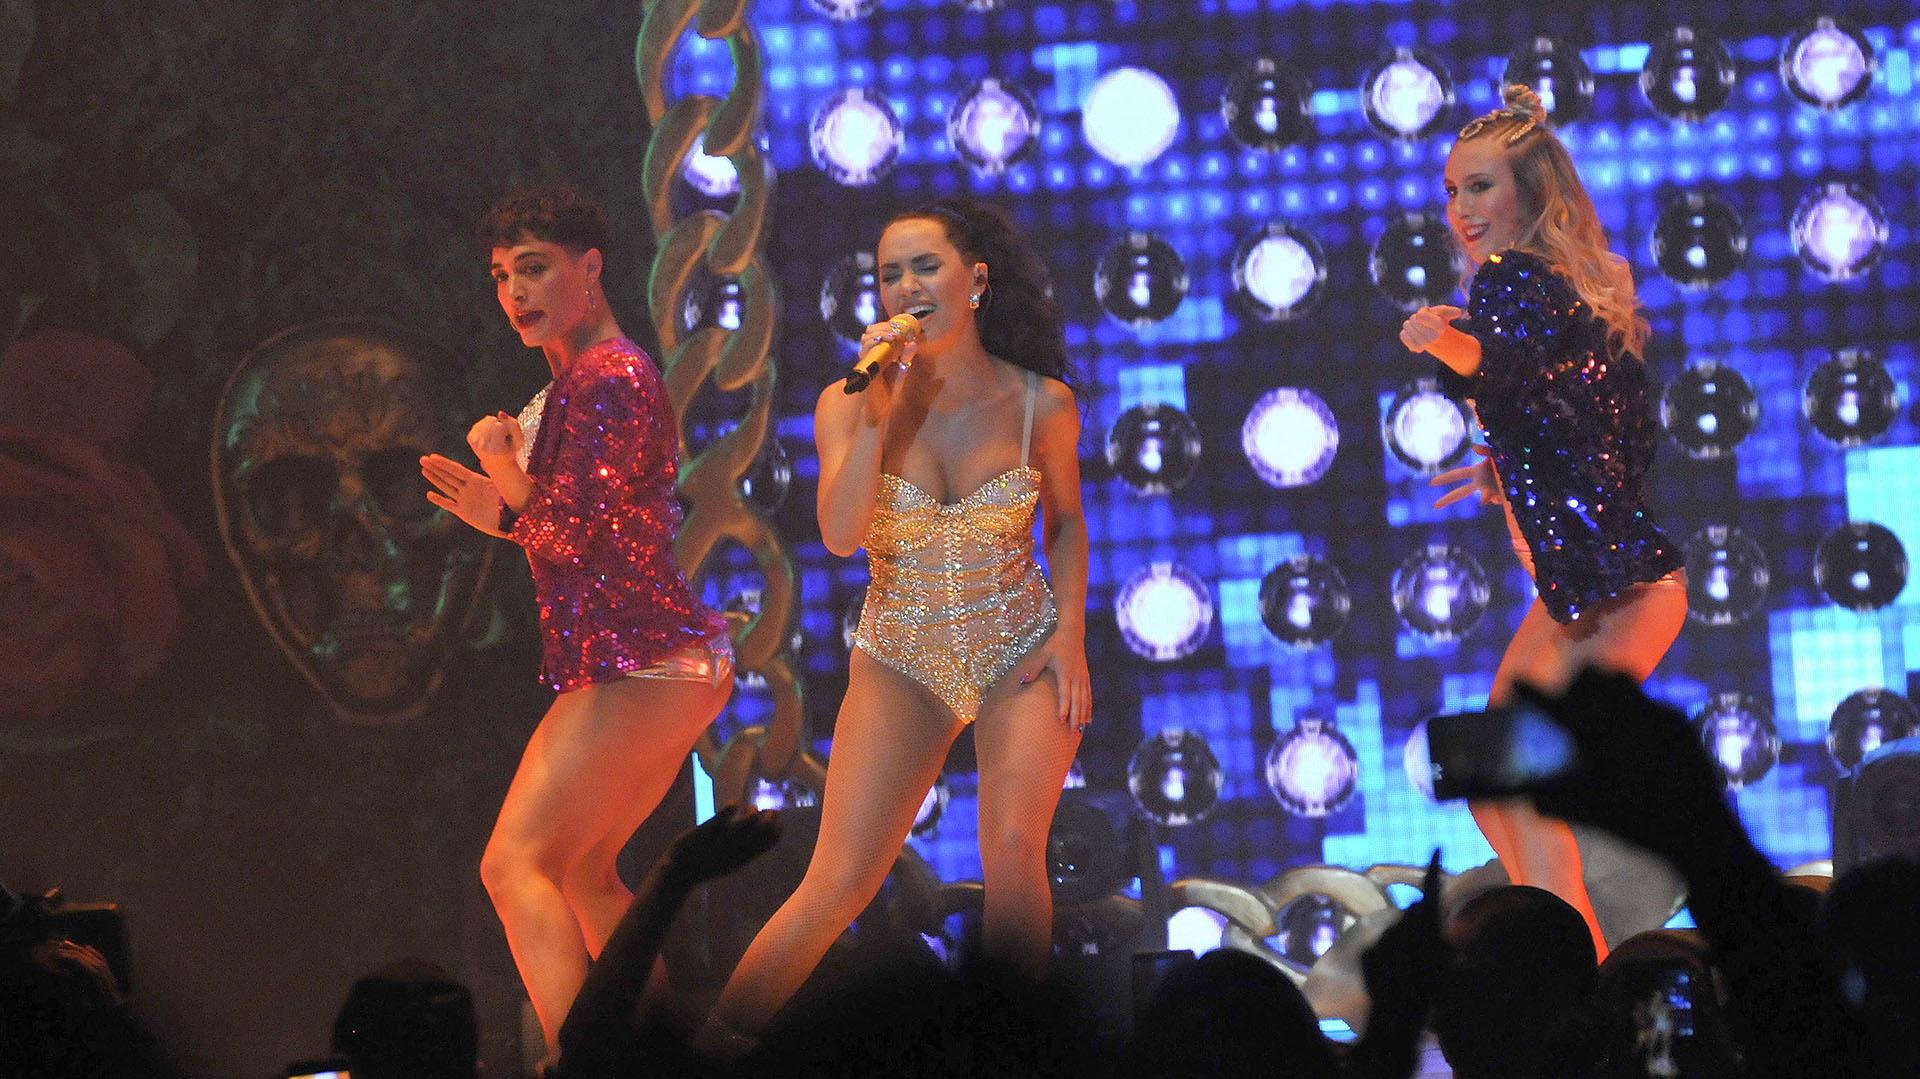 La artista también visitará otros países, como Chile y Uruguay en este tour